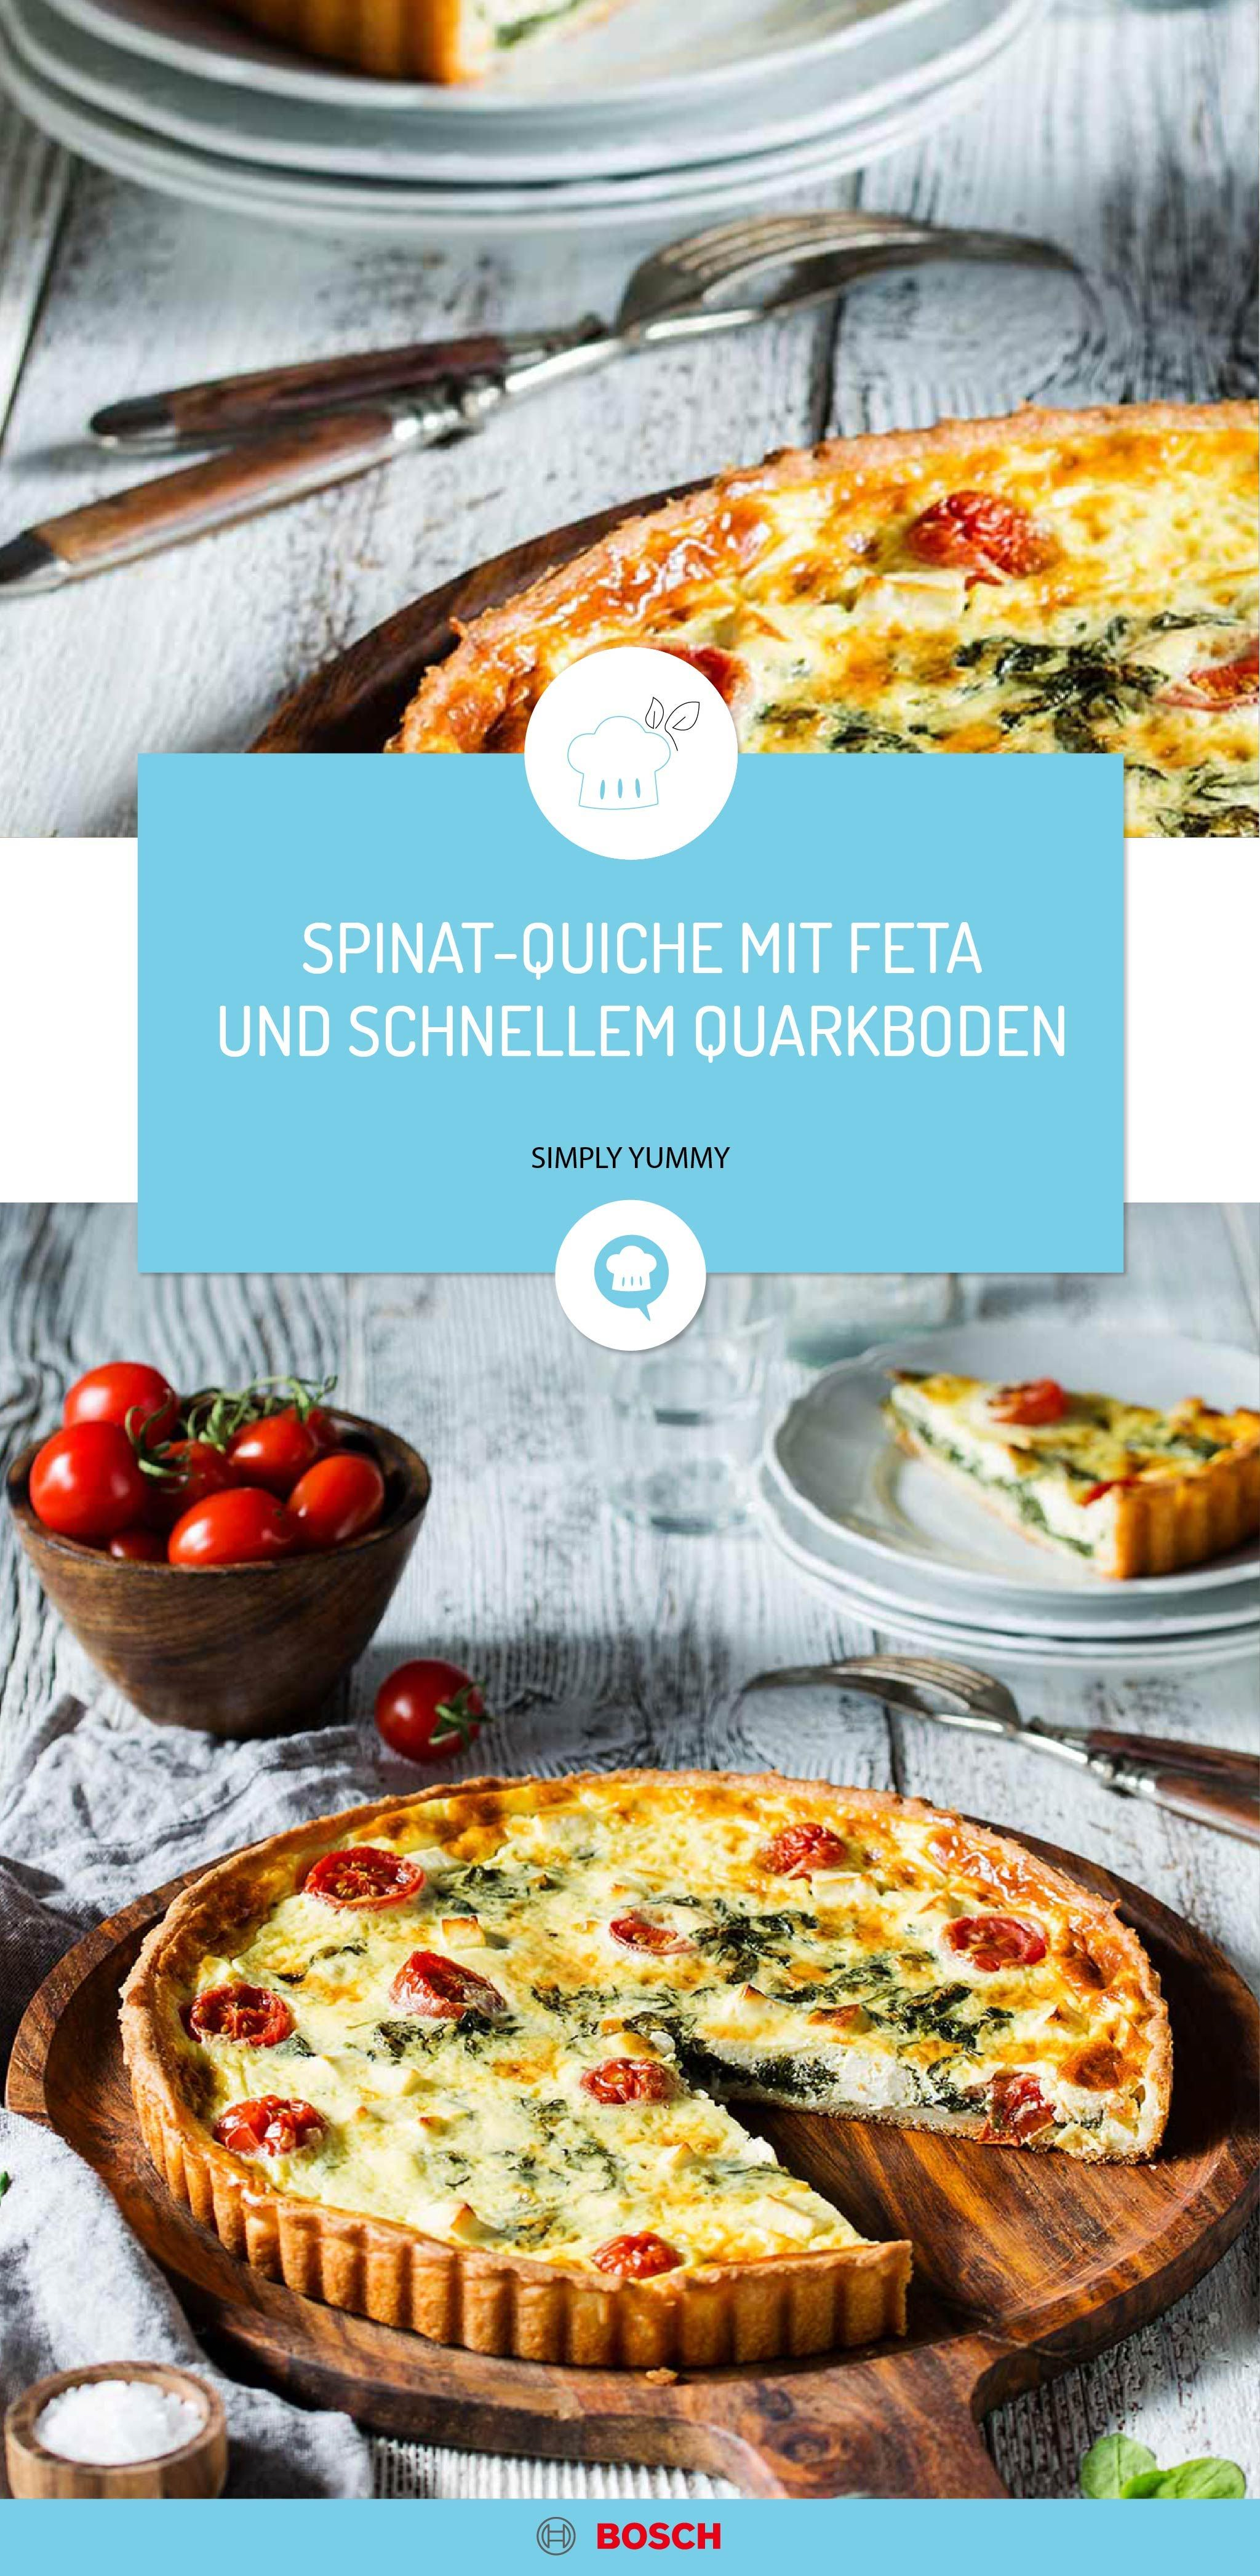 Spinat-Quiche mit Feta und schnellem Quarkboden